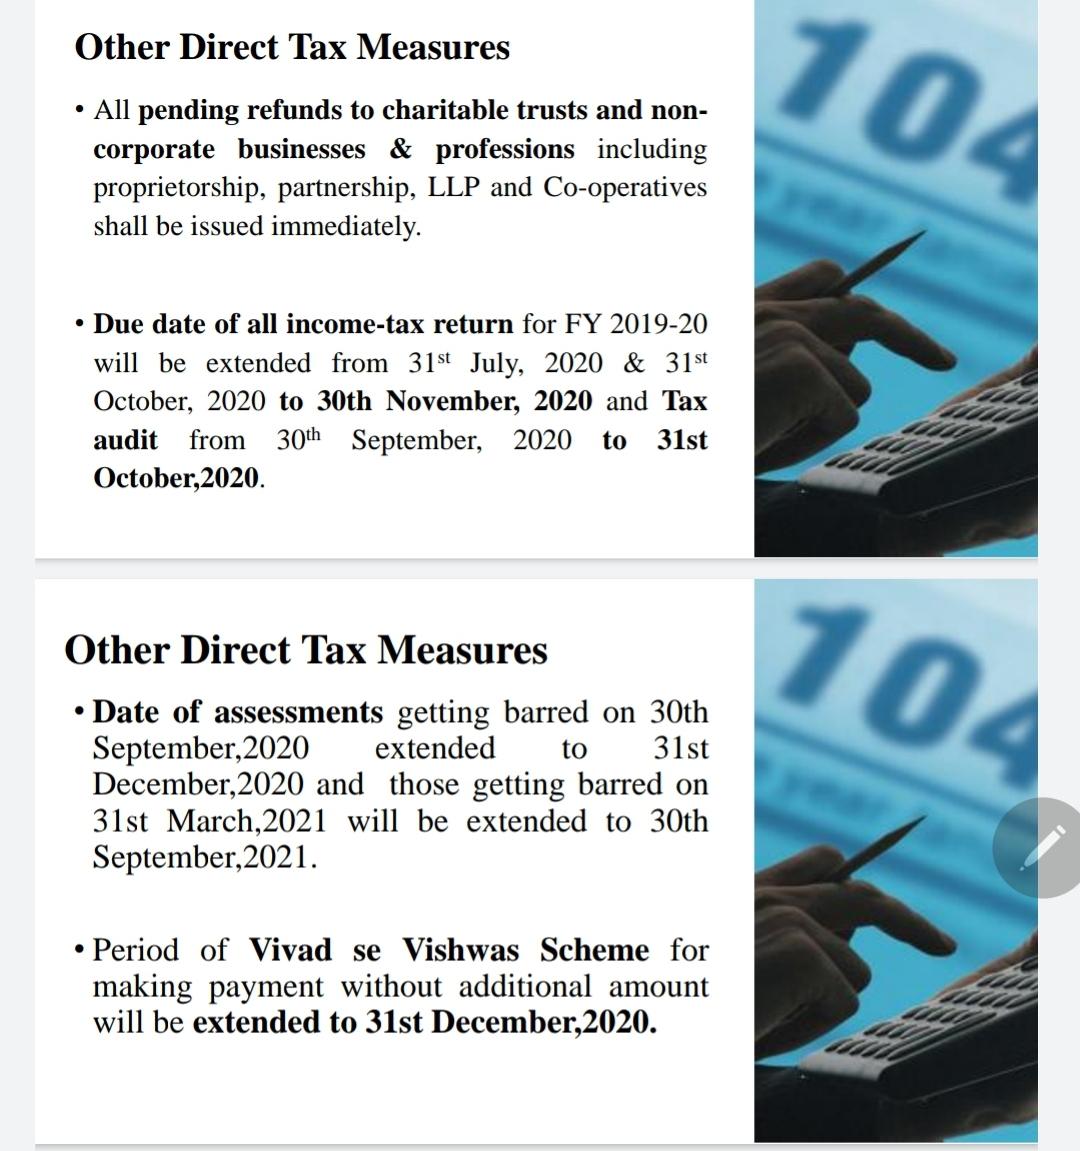 वित्त मंत्री: आयकर रिटर्न दाखिल करने की तारीख 30 नवंबर तक बढ़ी